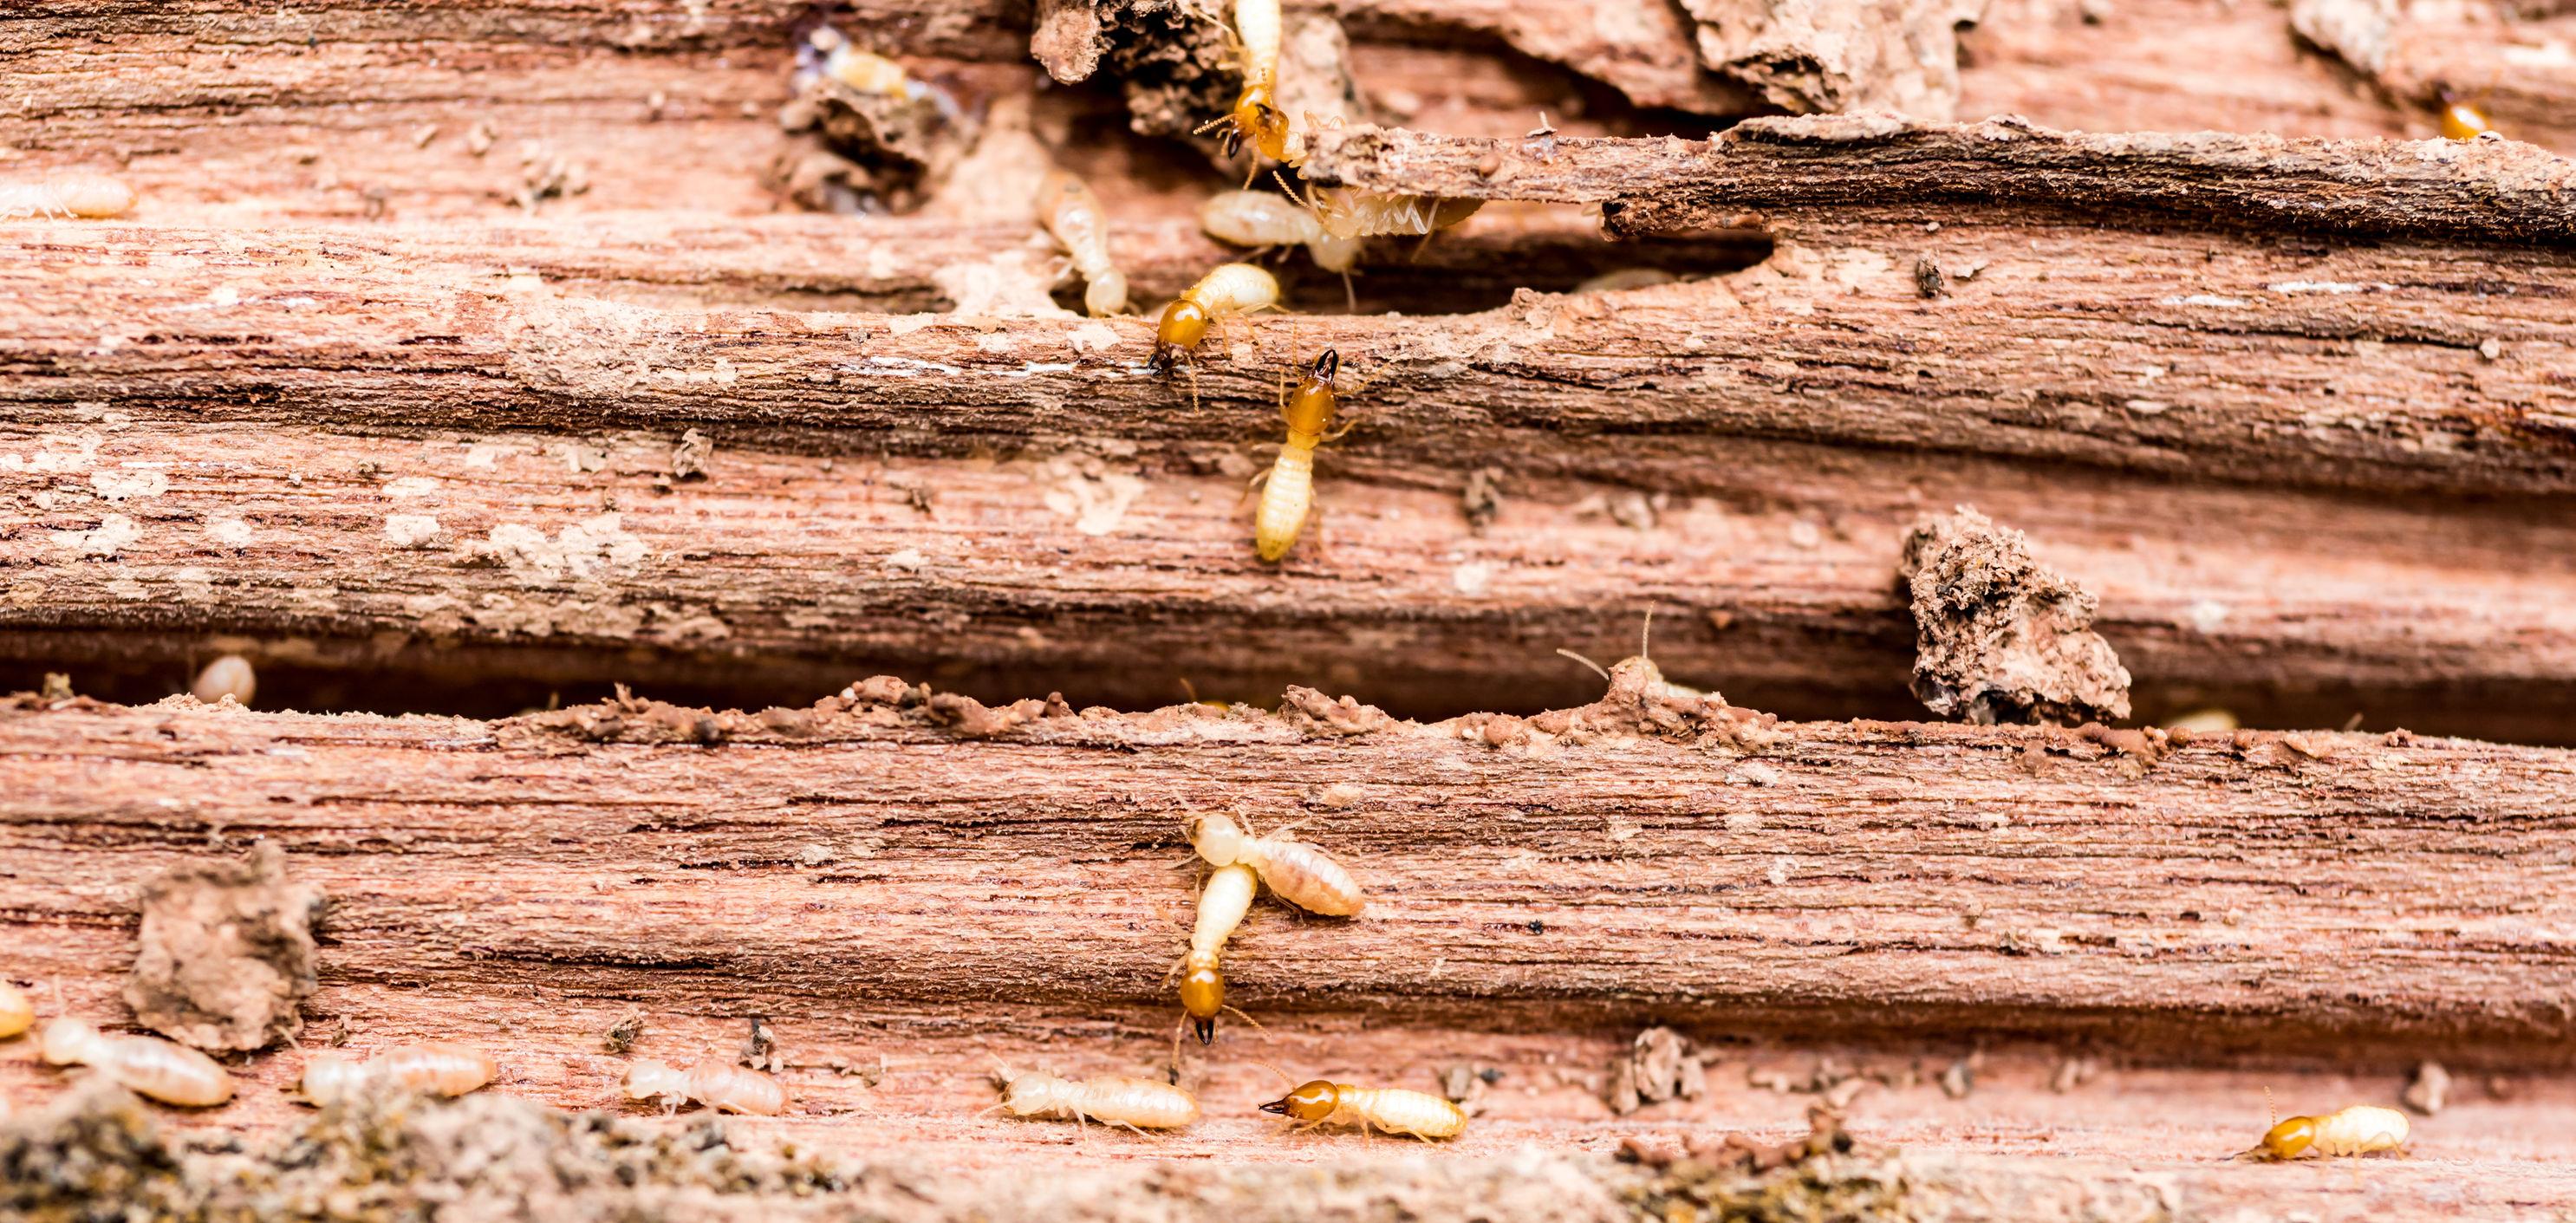 The Sentricon Termite System